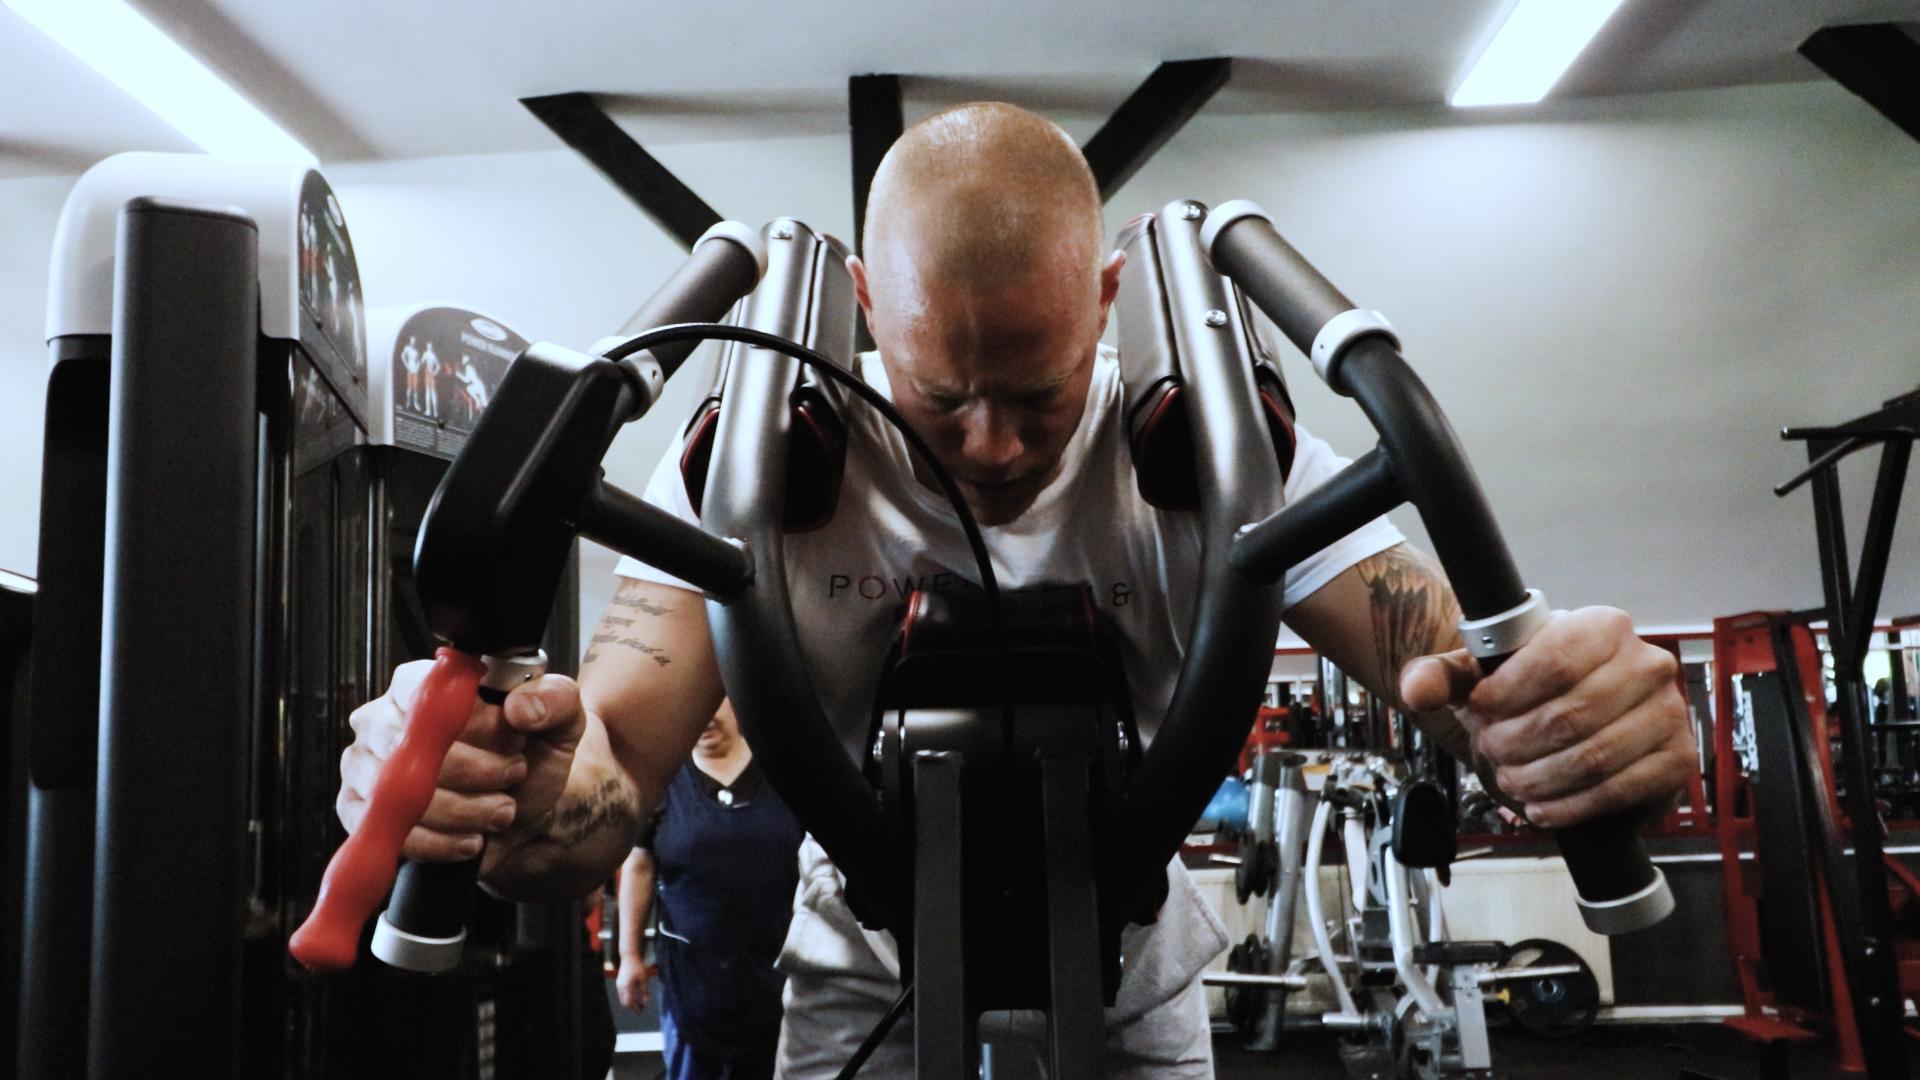 Power Gym Fitness - Géppark fejlesztés - 9